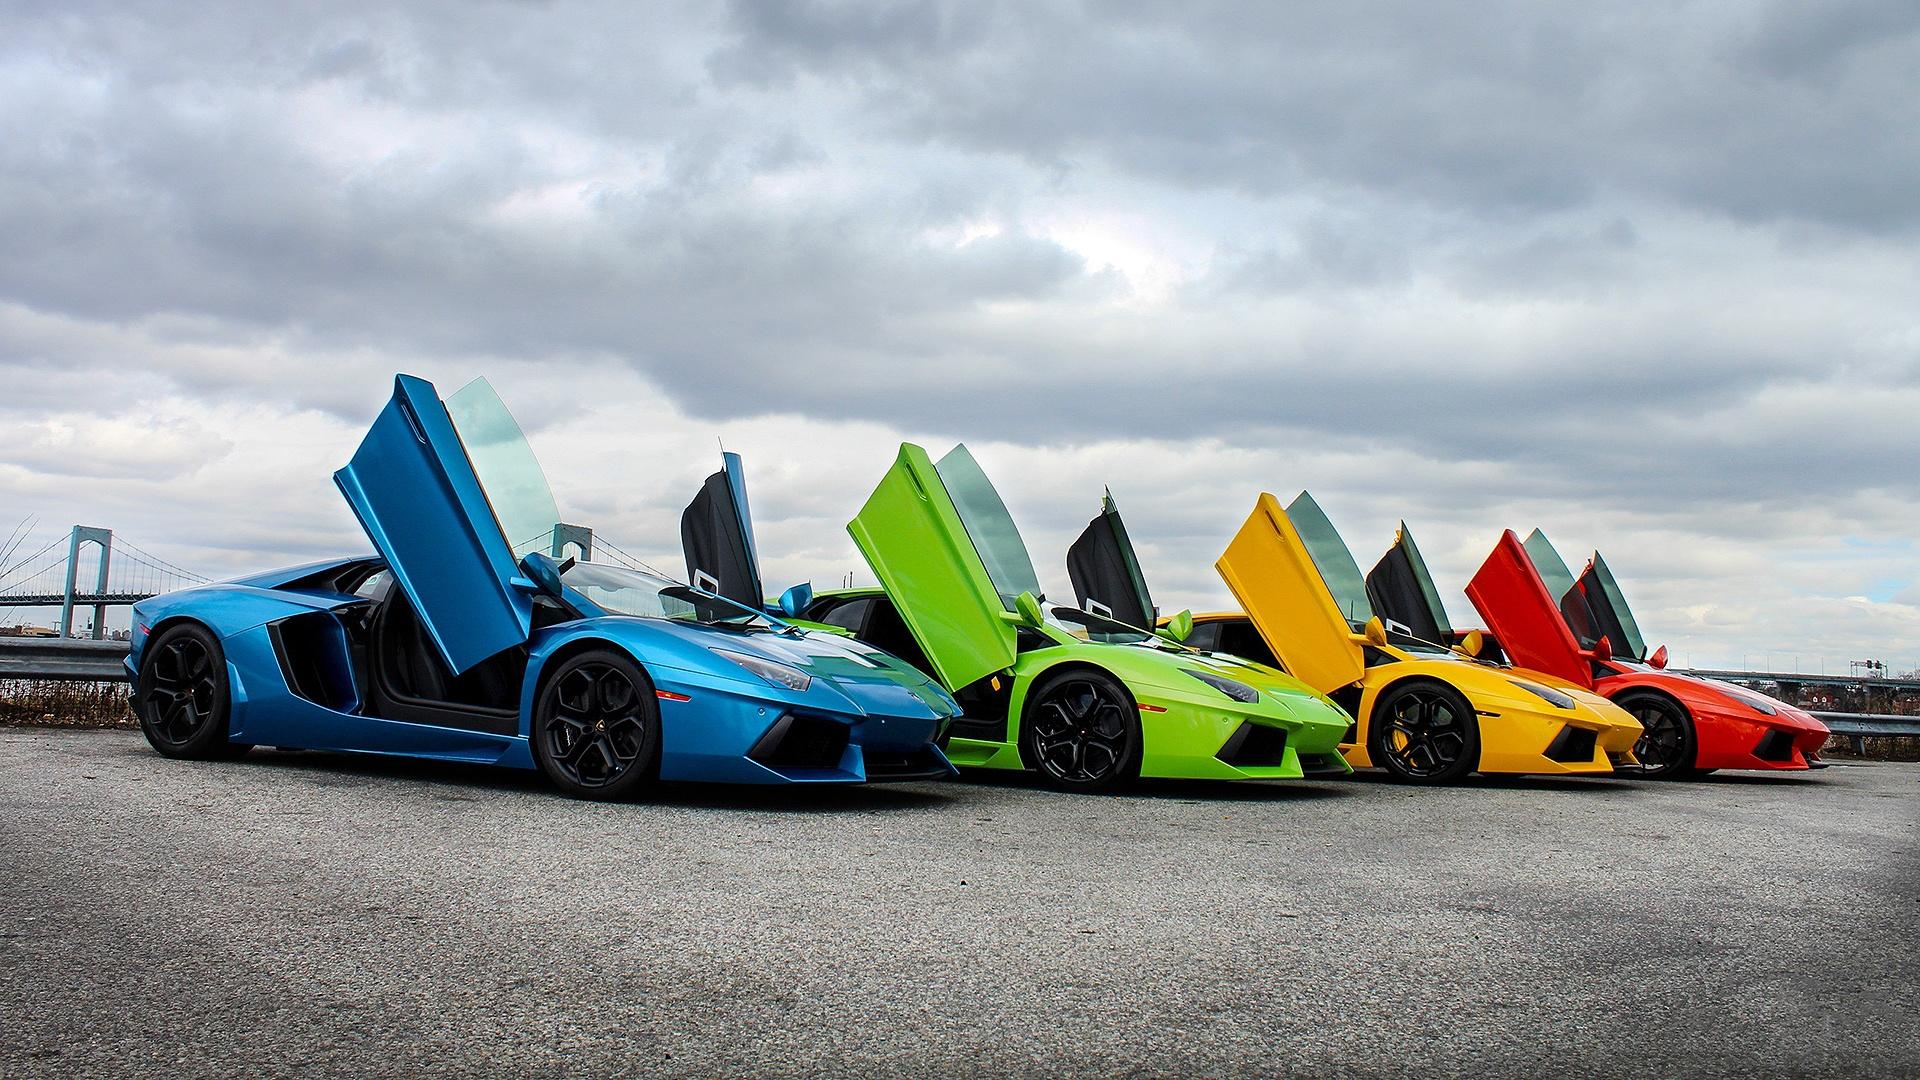 Super Cars Wallpaper HD